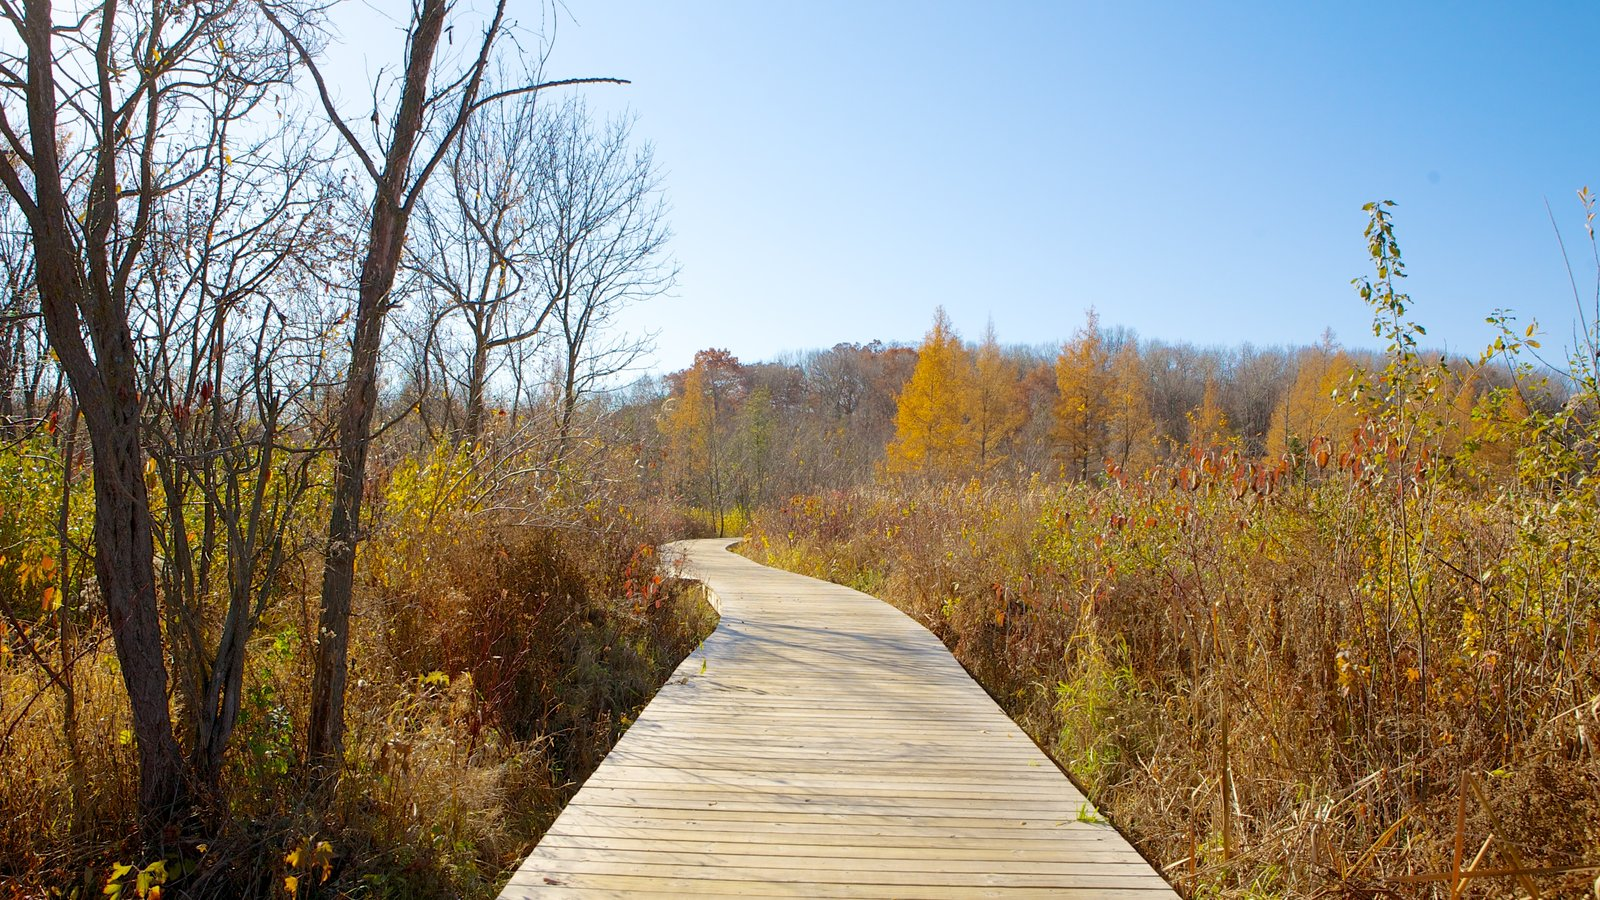 Minnesota Landscape Arboretum que inclui um jardim, cenas tranquilas e paisagem